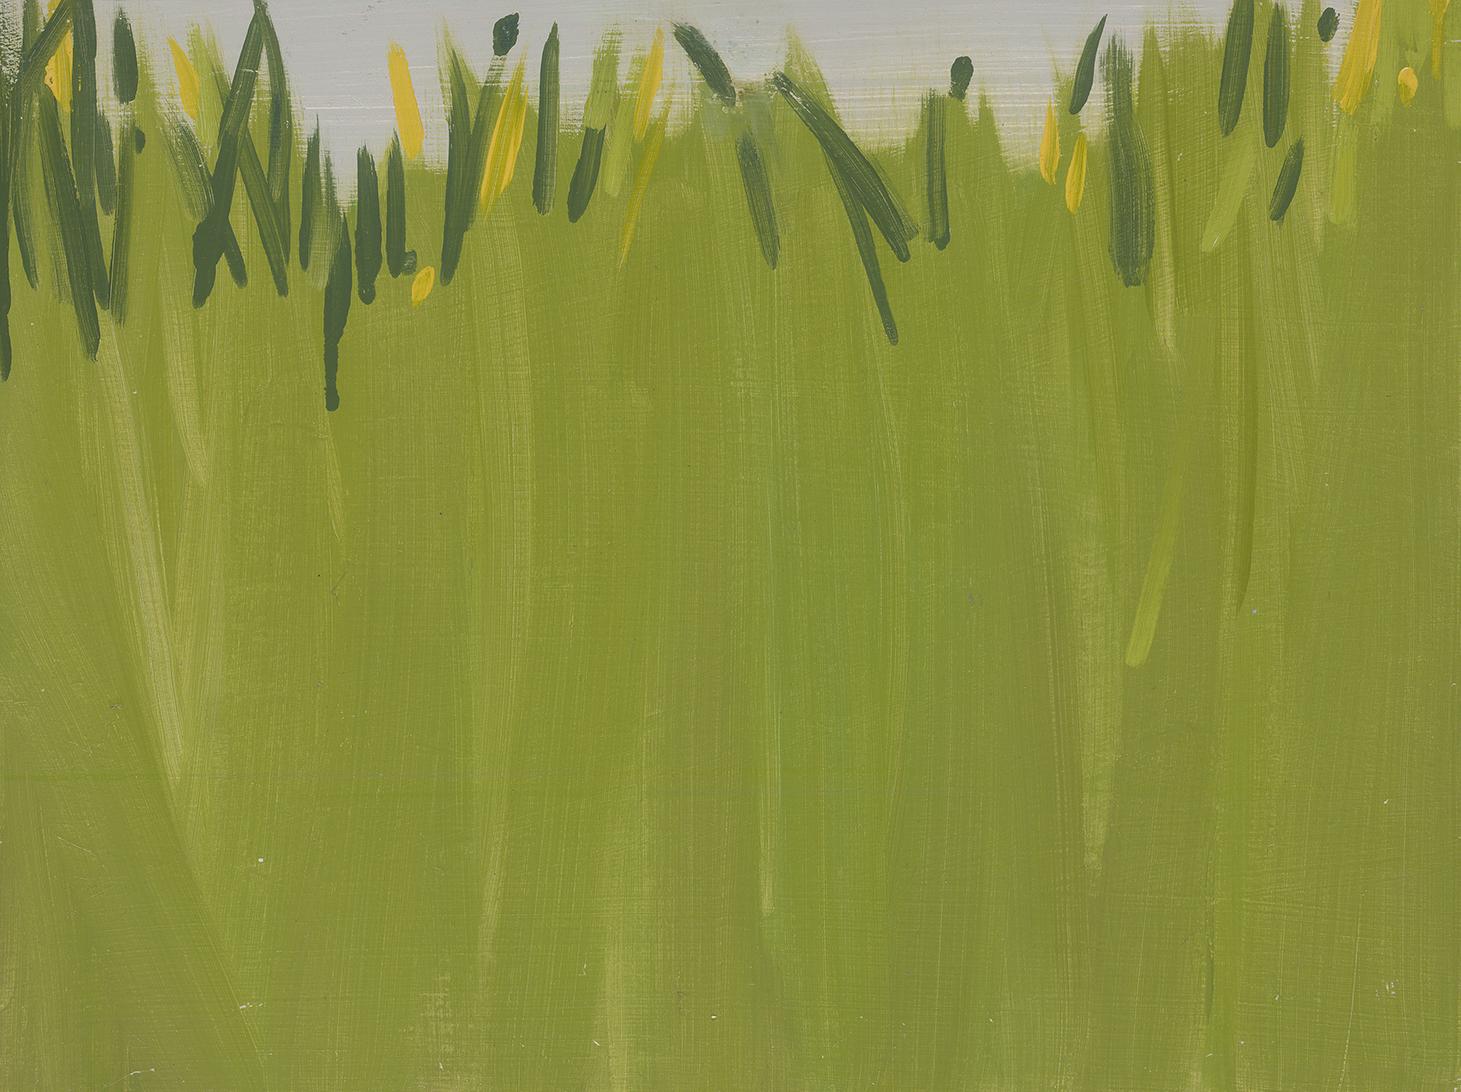 Grass 2,oil on board, 30 x 40 cm